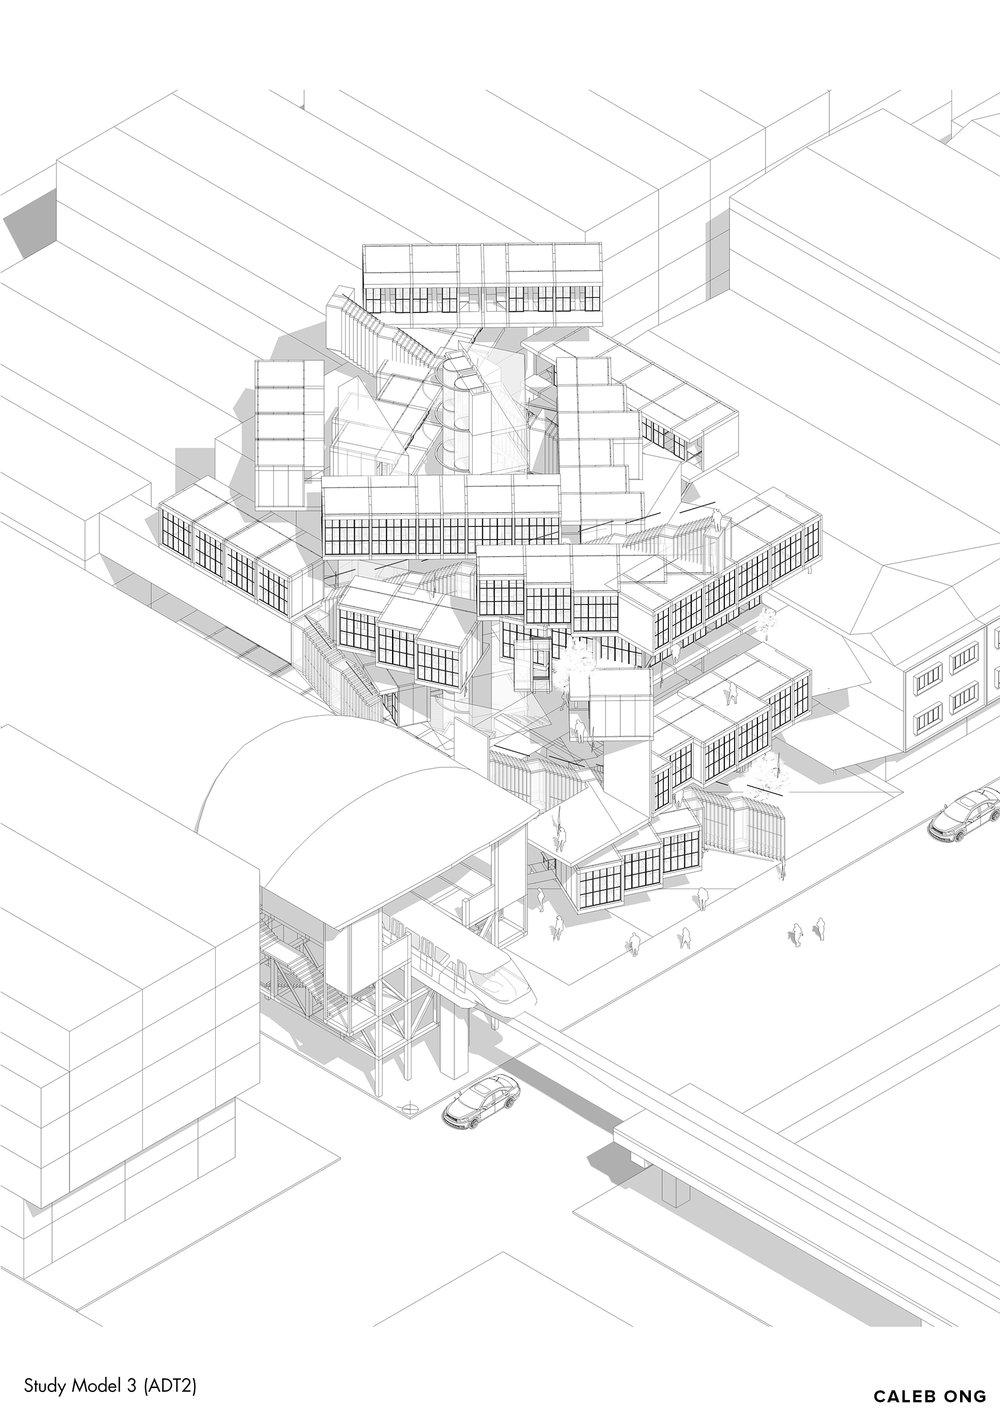 Design Phase 3 (ADT2)